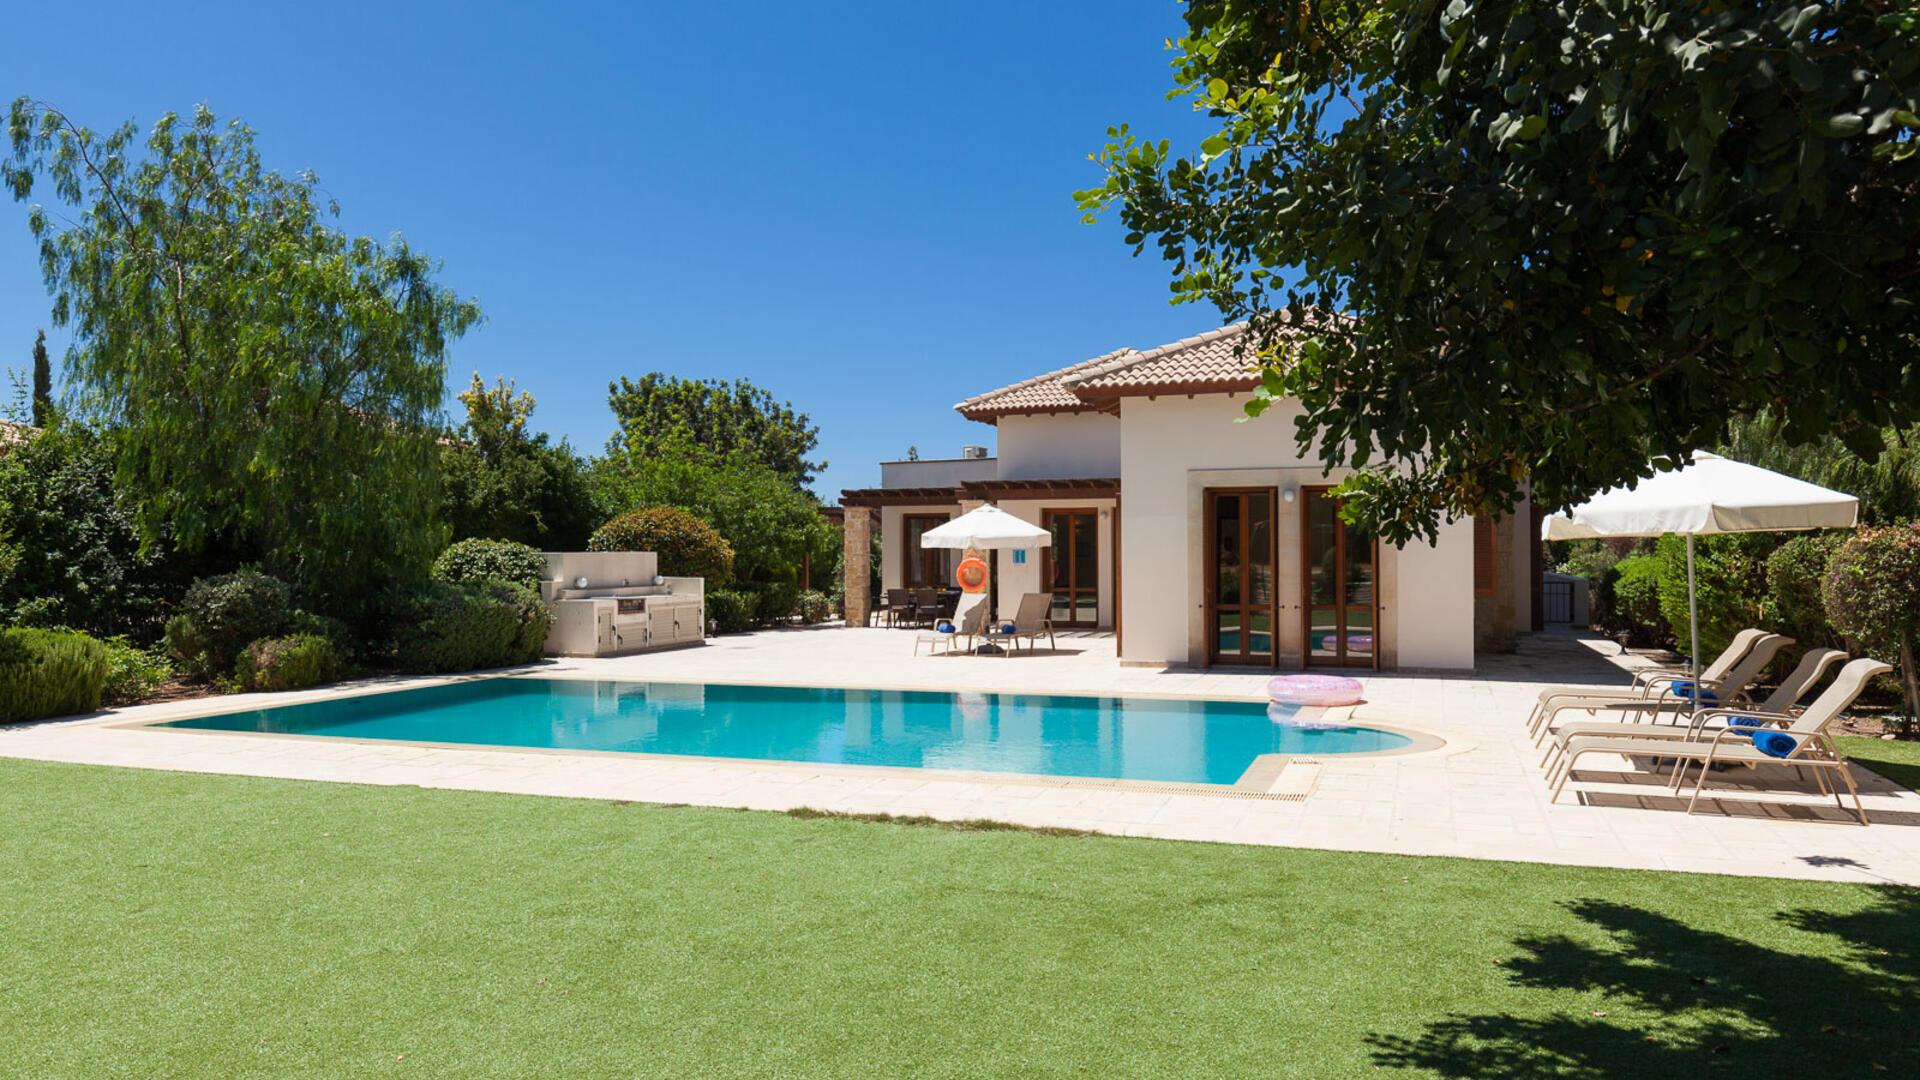 3 Bedroom Villa in  Cyprus